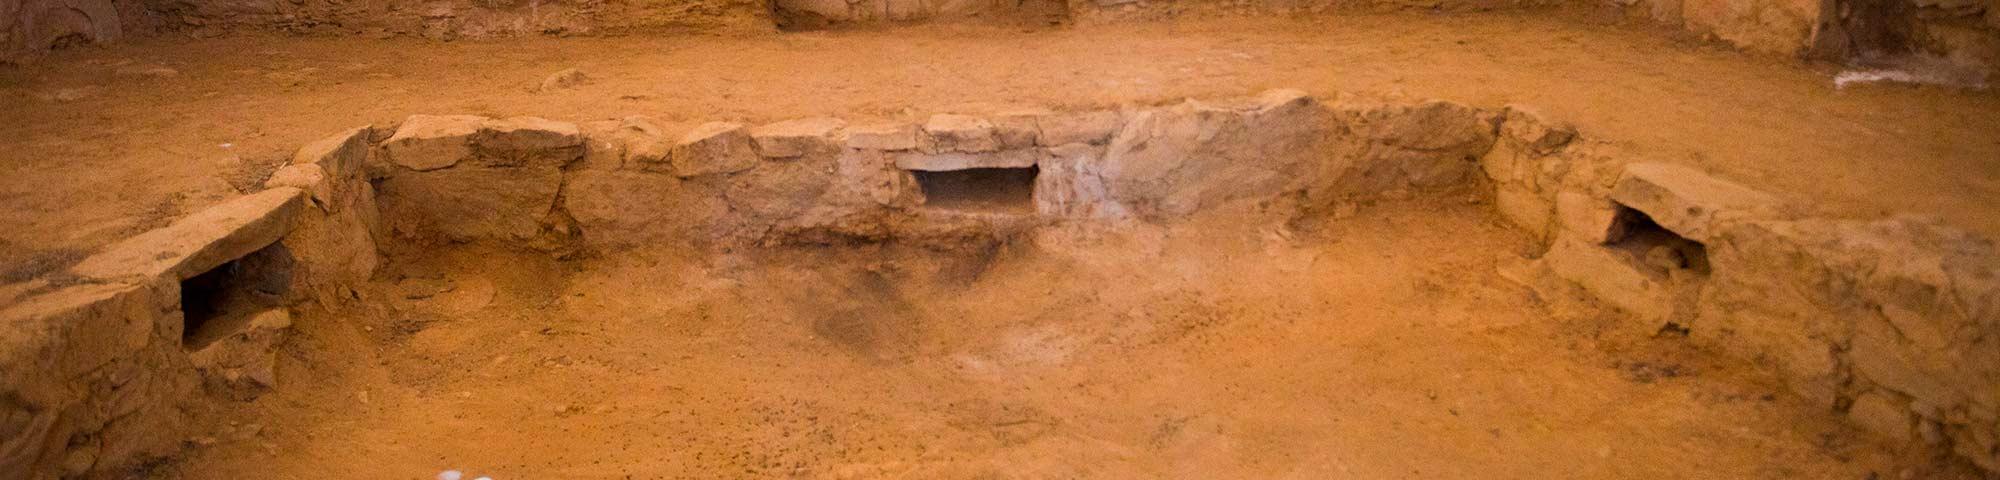 Zona Arqueológica Monumental de Kotosh y su Sala de Exhibición